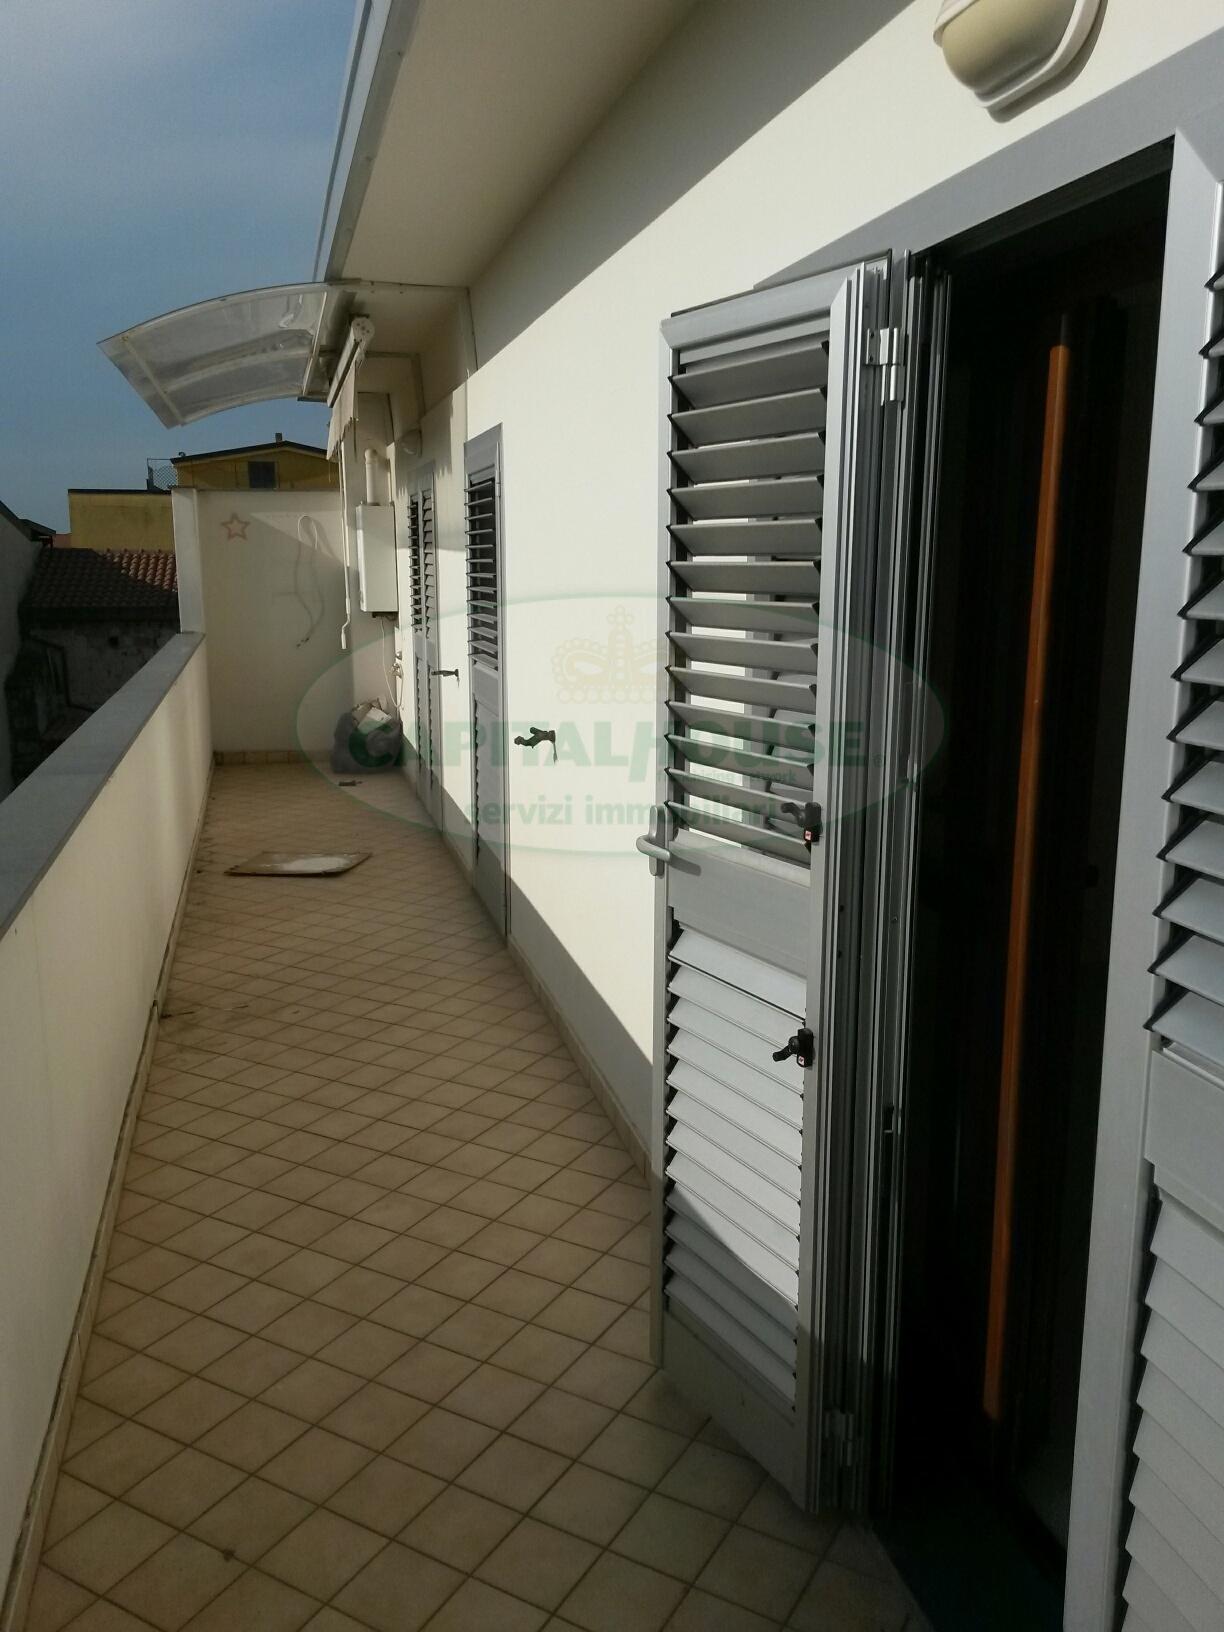 Attico / Mansarda in affitto a Recale, 4 locali, prezzo € 400 | Cambio Casa.it